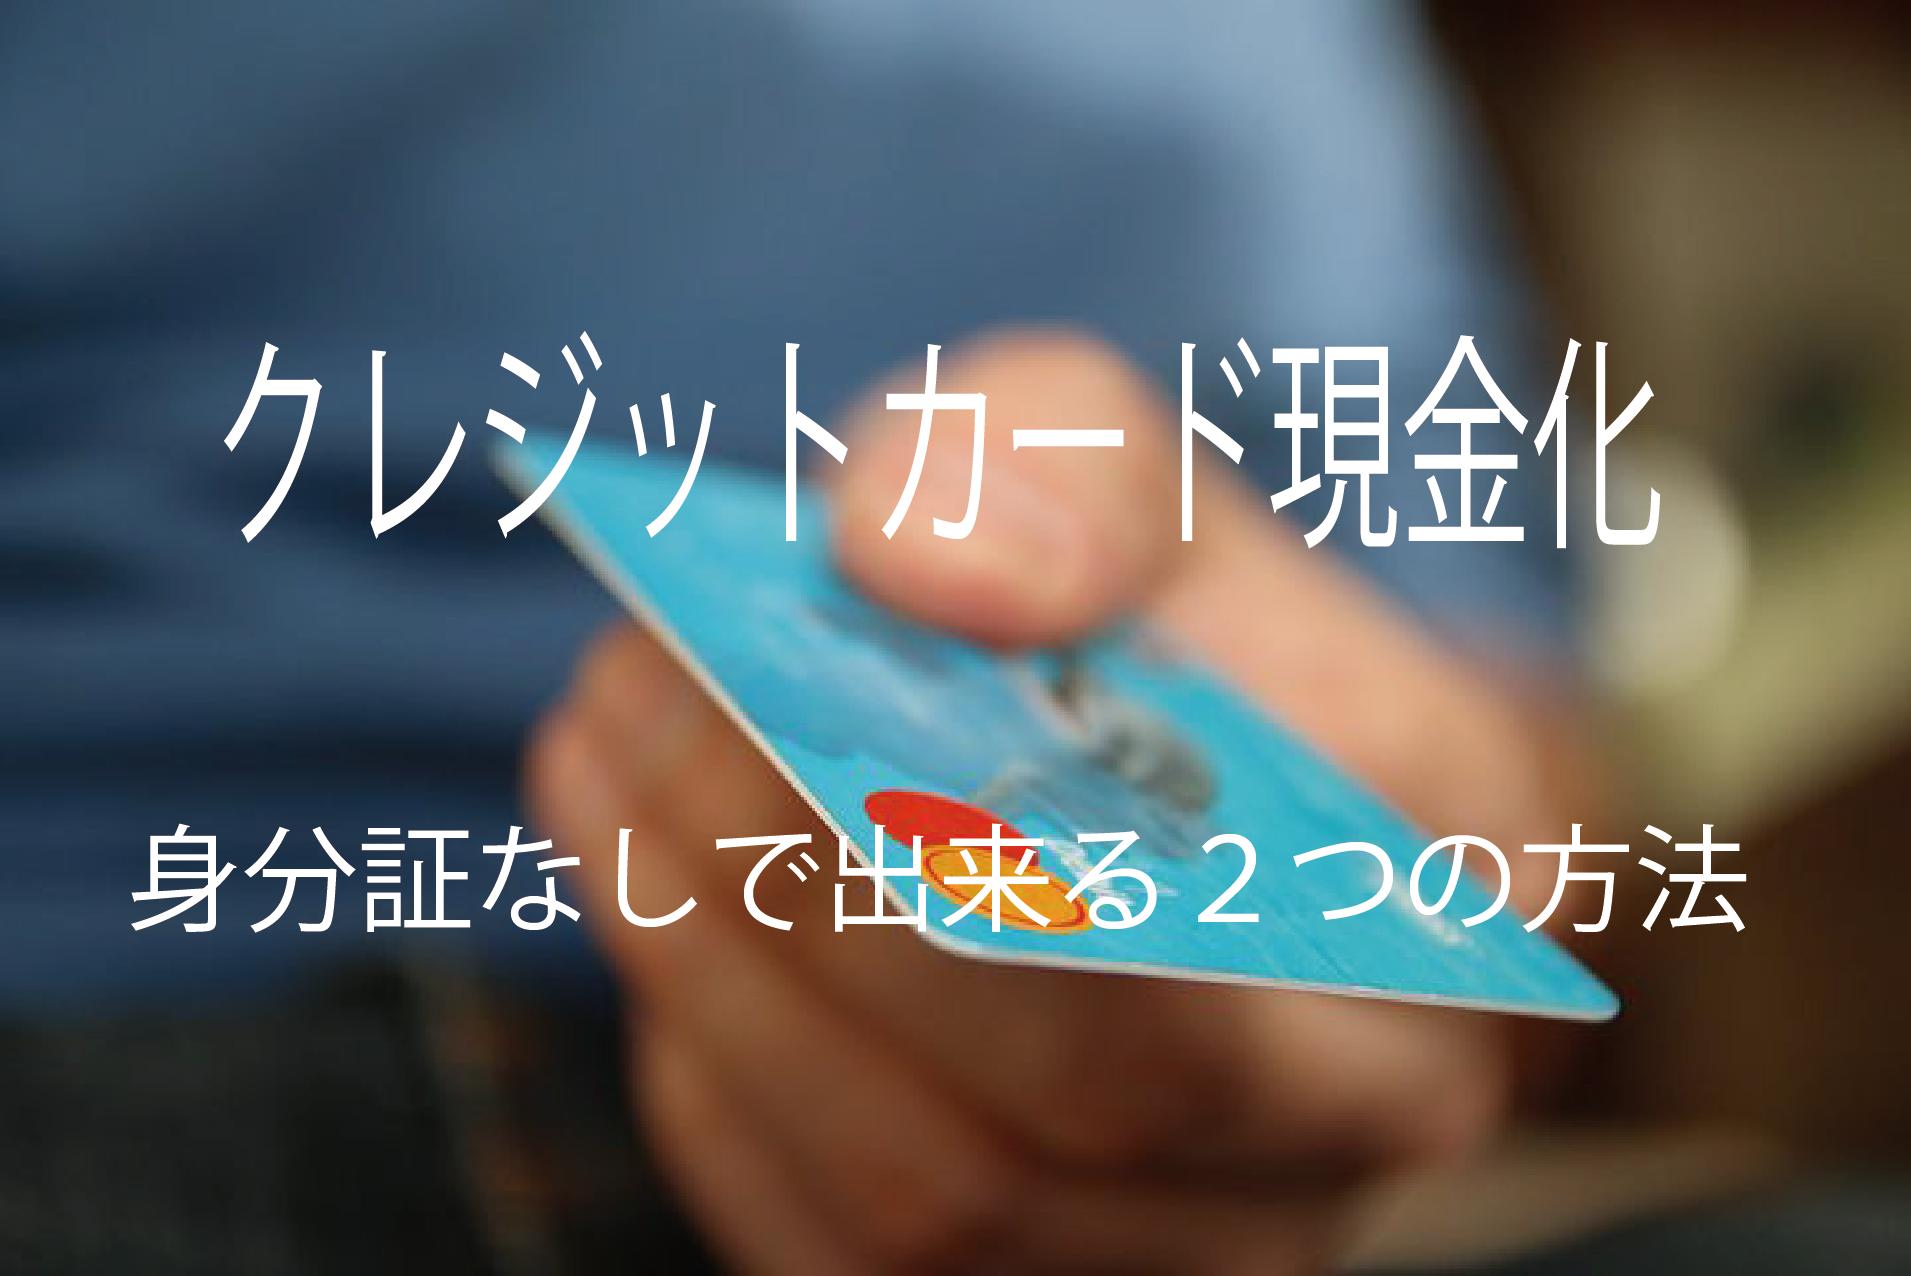 クレジットカード 現金化 身分証なし